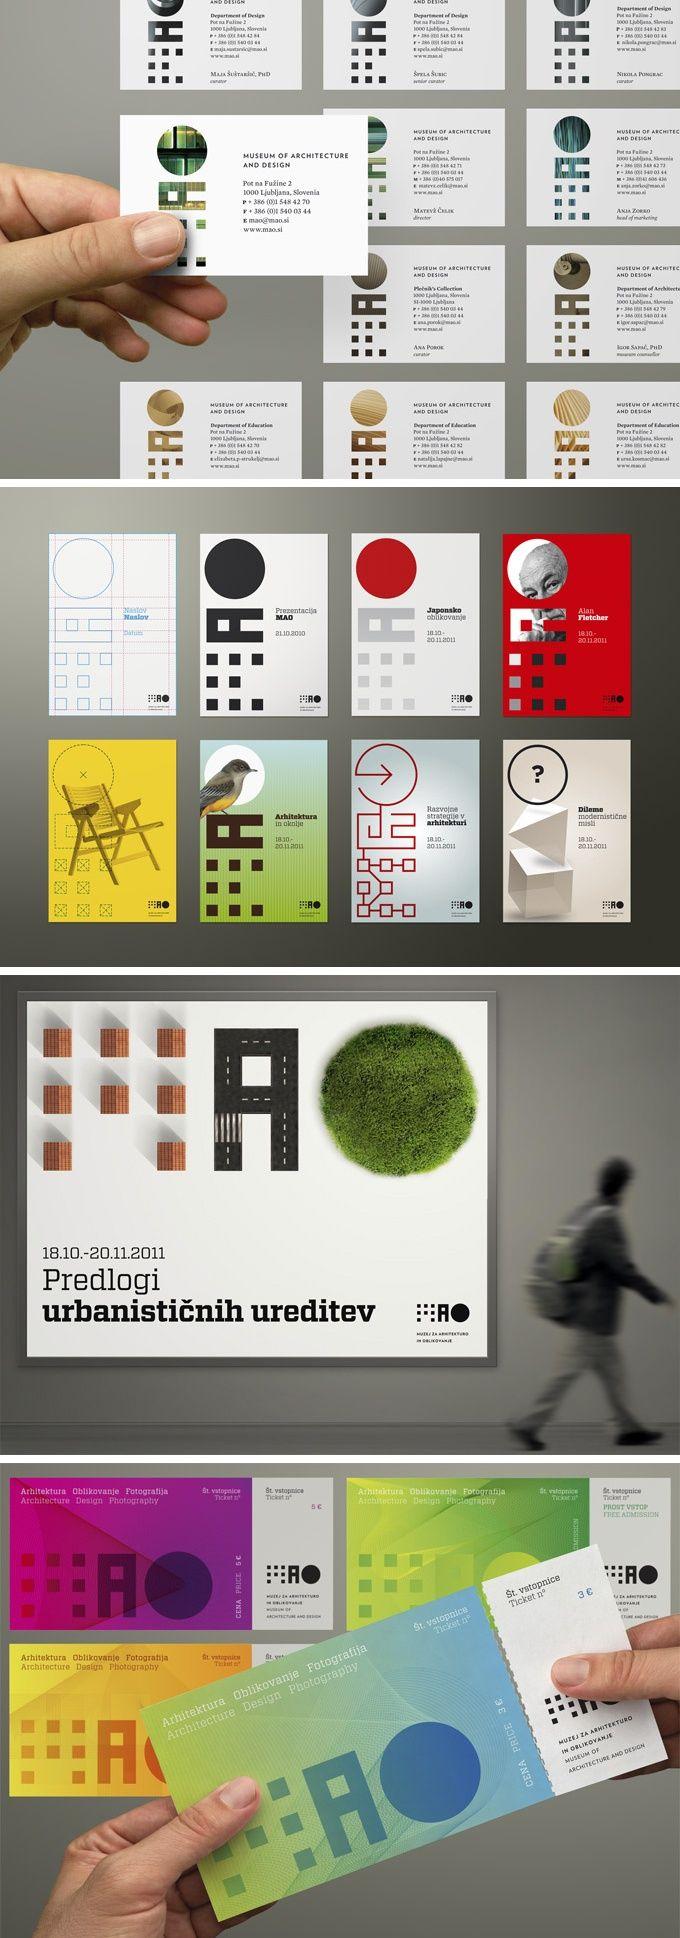 Viraltag | Pinterest Management Tool for Brands